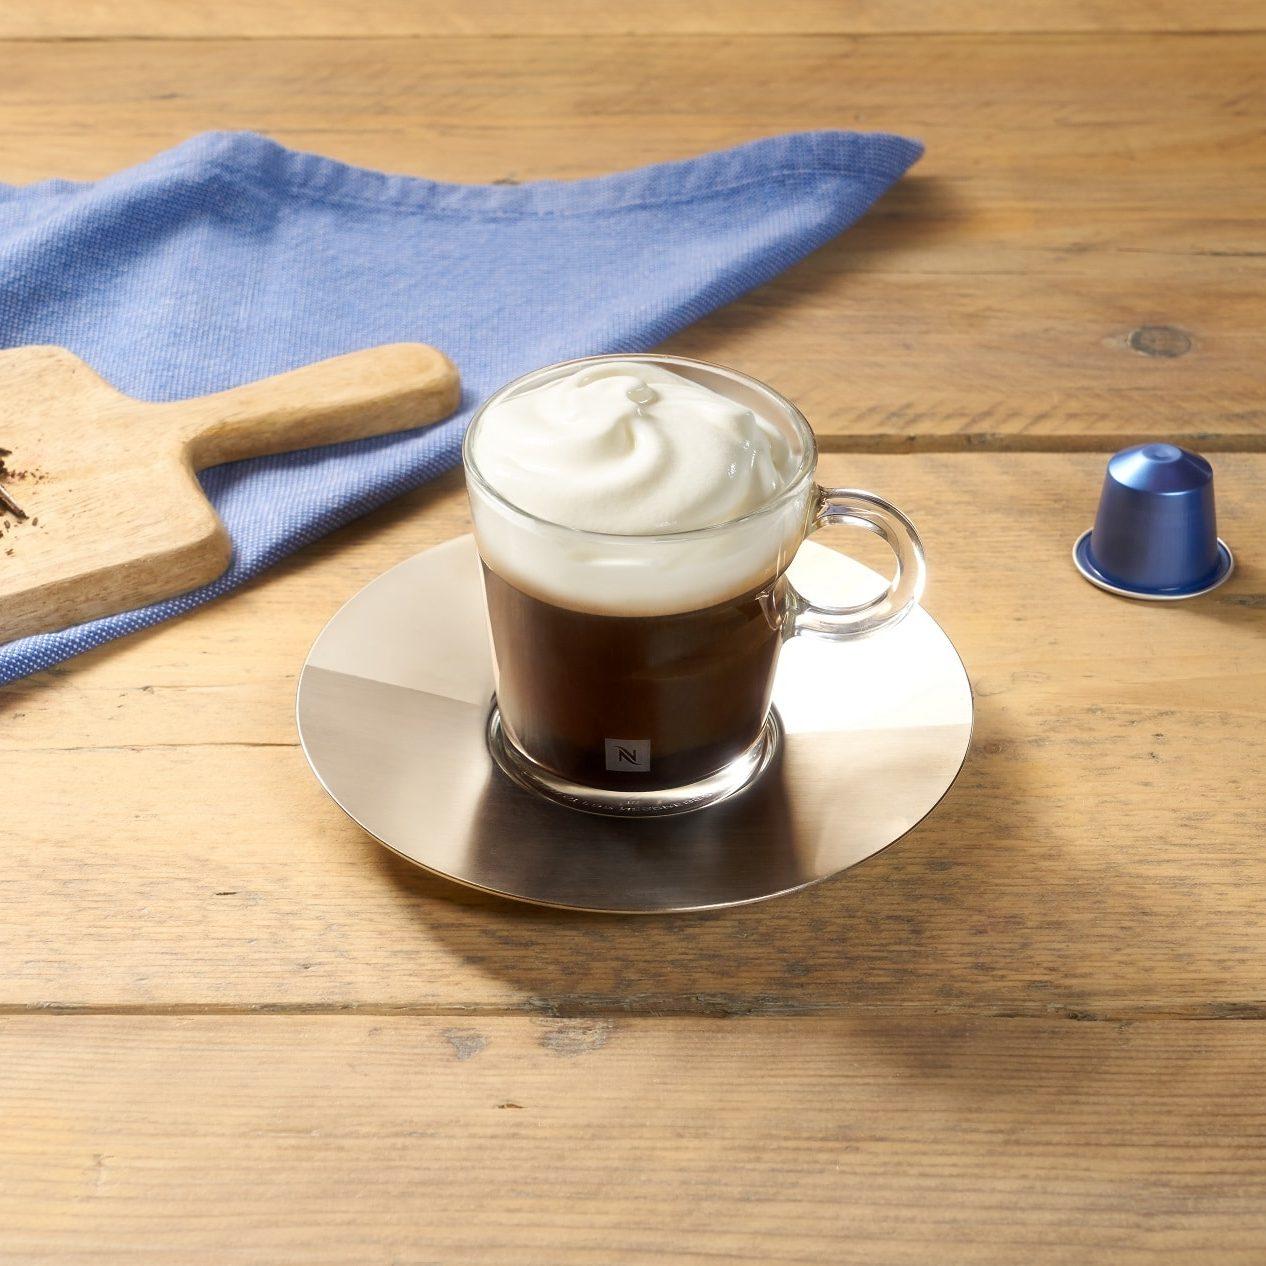 nespresso-recipes-Cafe-Viennois-OL